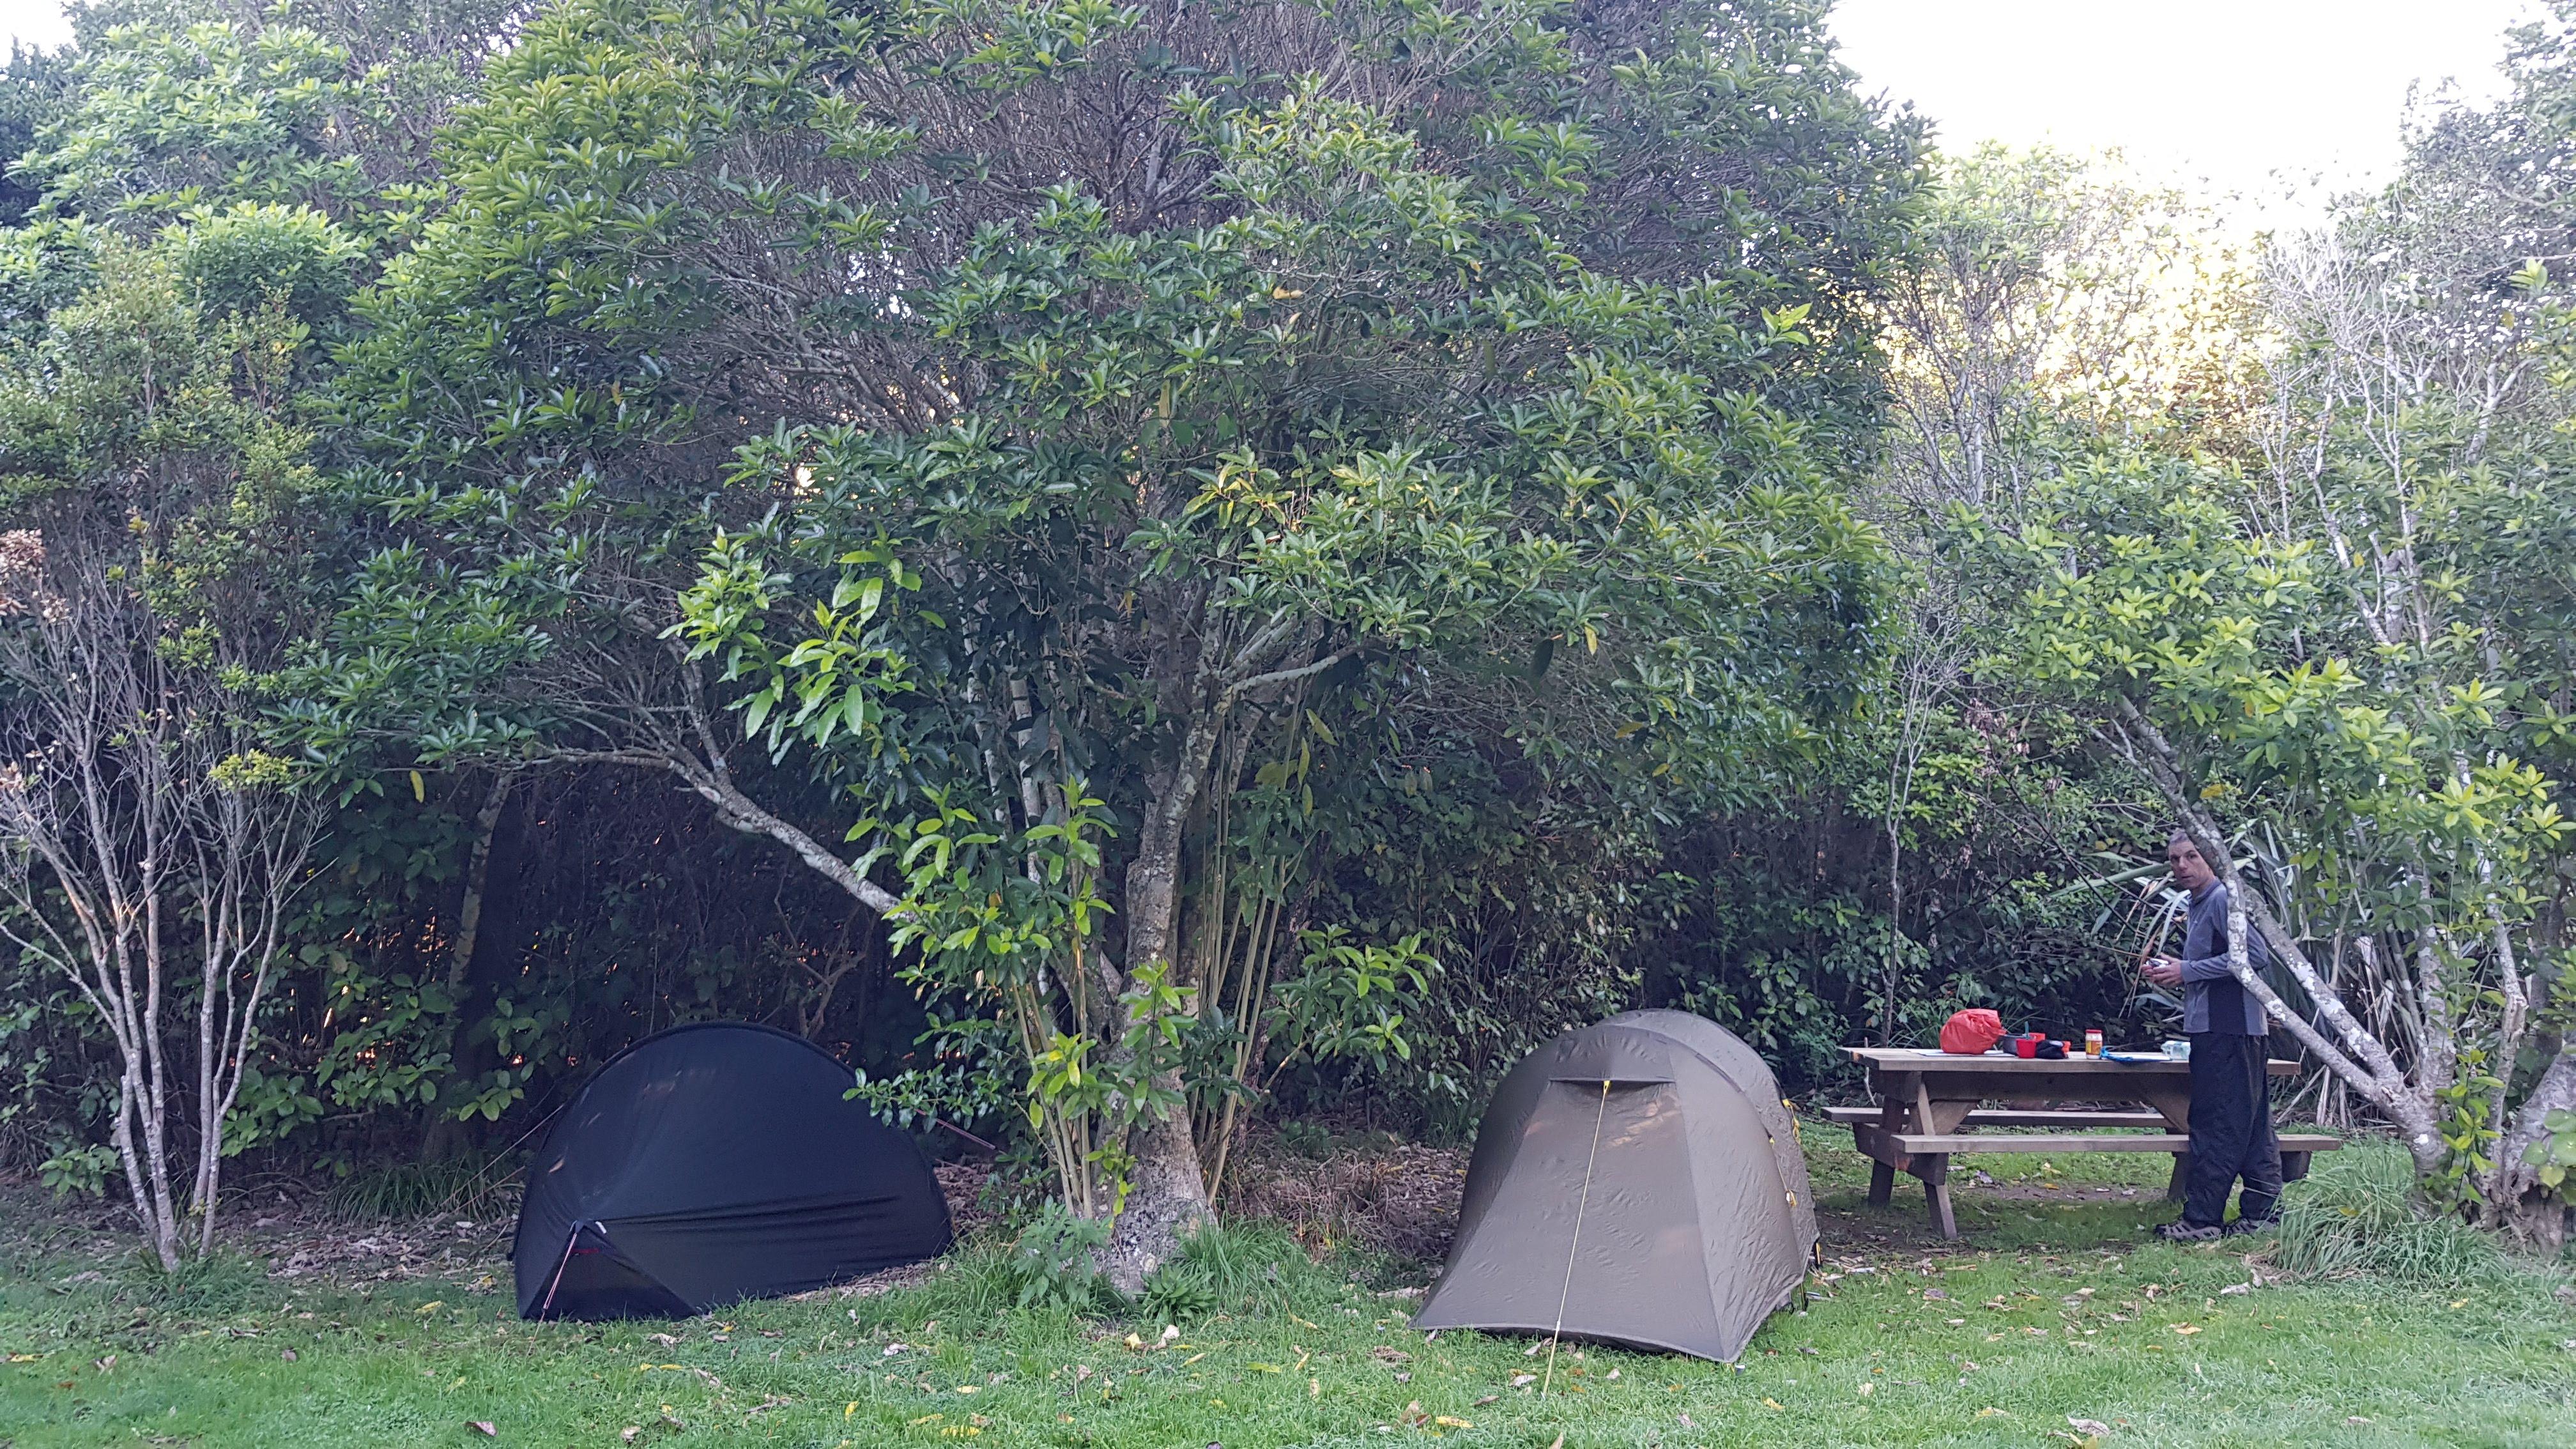 Camping at Whariwharangi